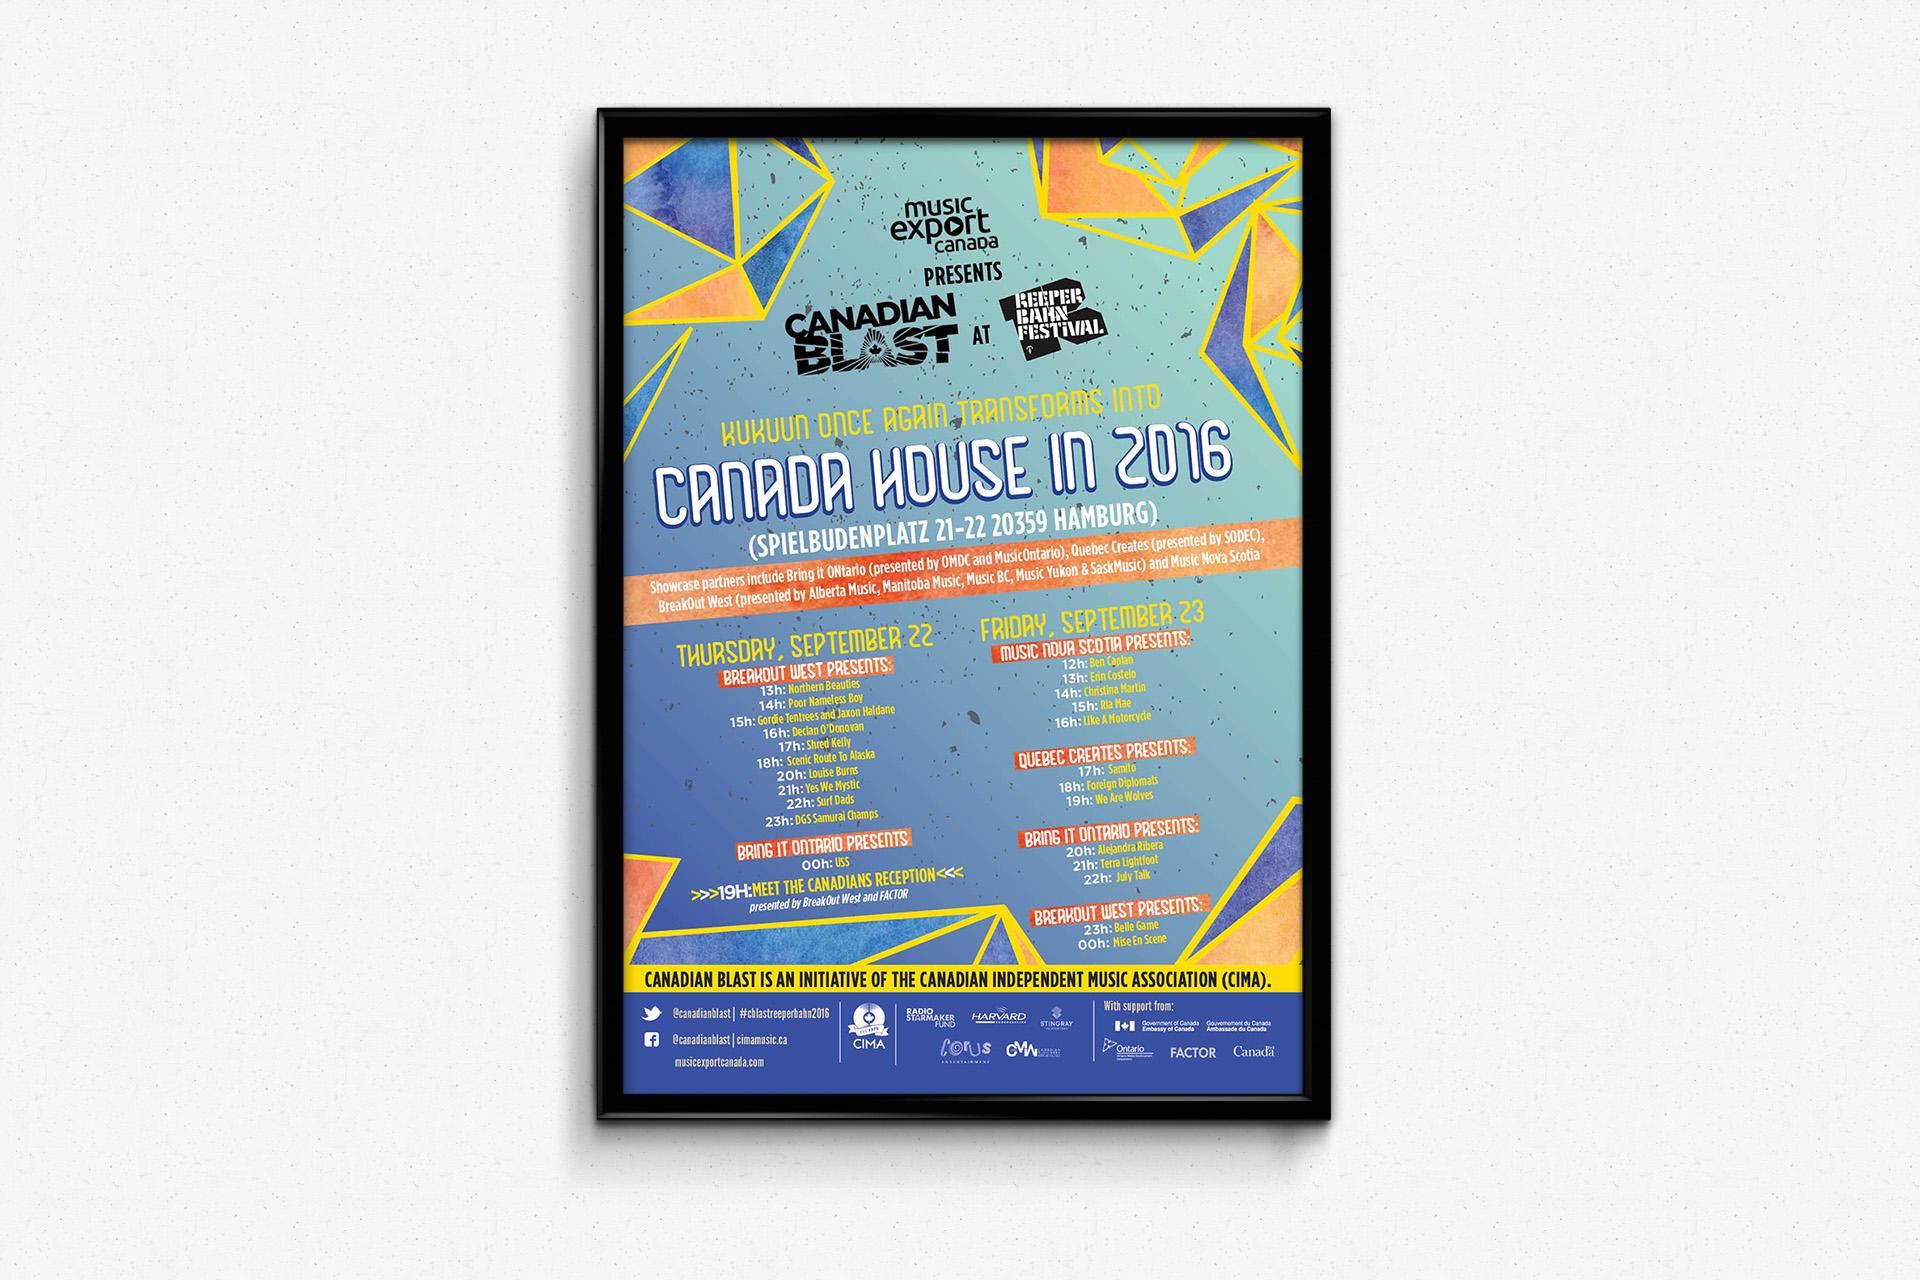 Canada House Reeperbahn Music Festival